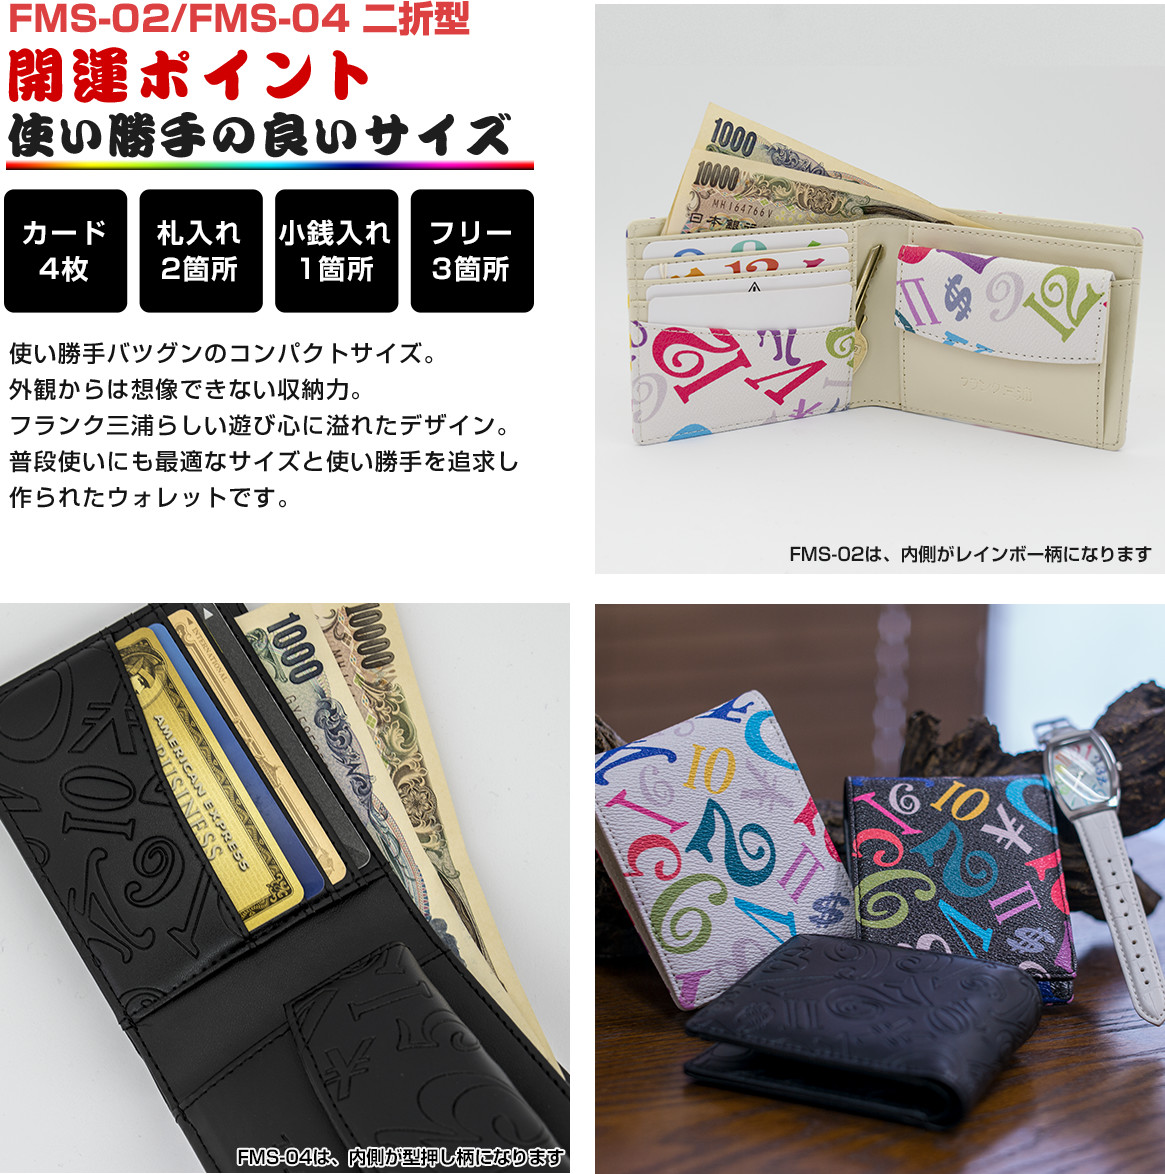 [フランク三浦] FMS04-B 奇跡の財布 メンズ レディース